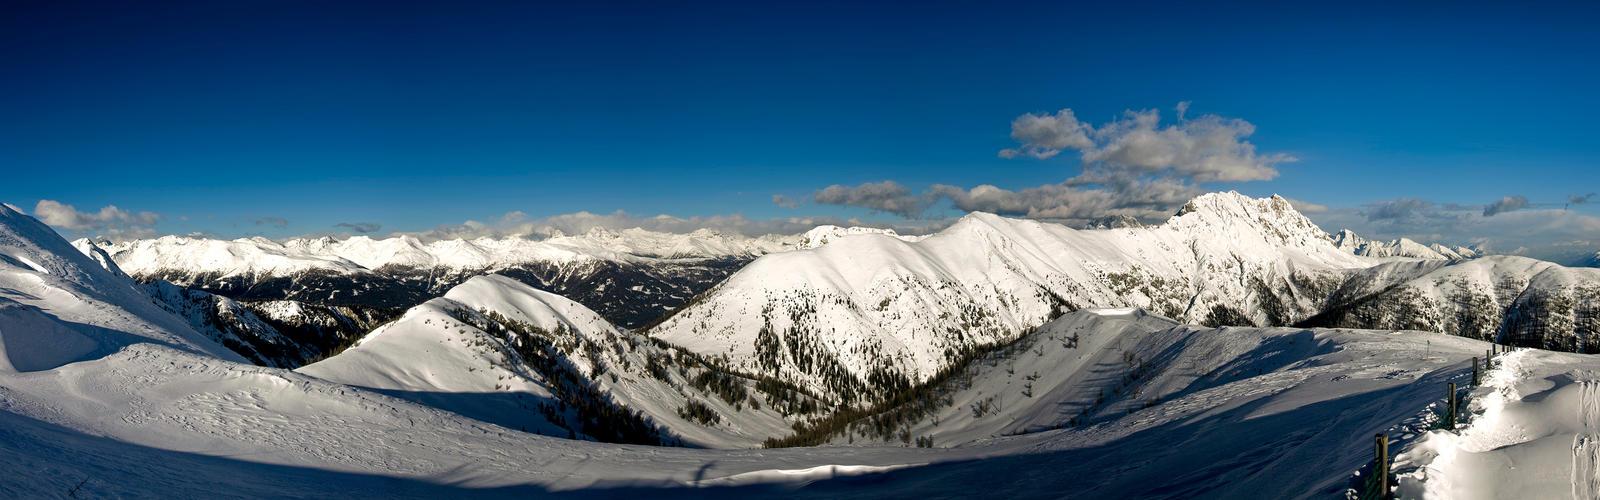 Alps I by taenaron